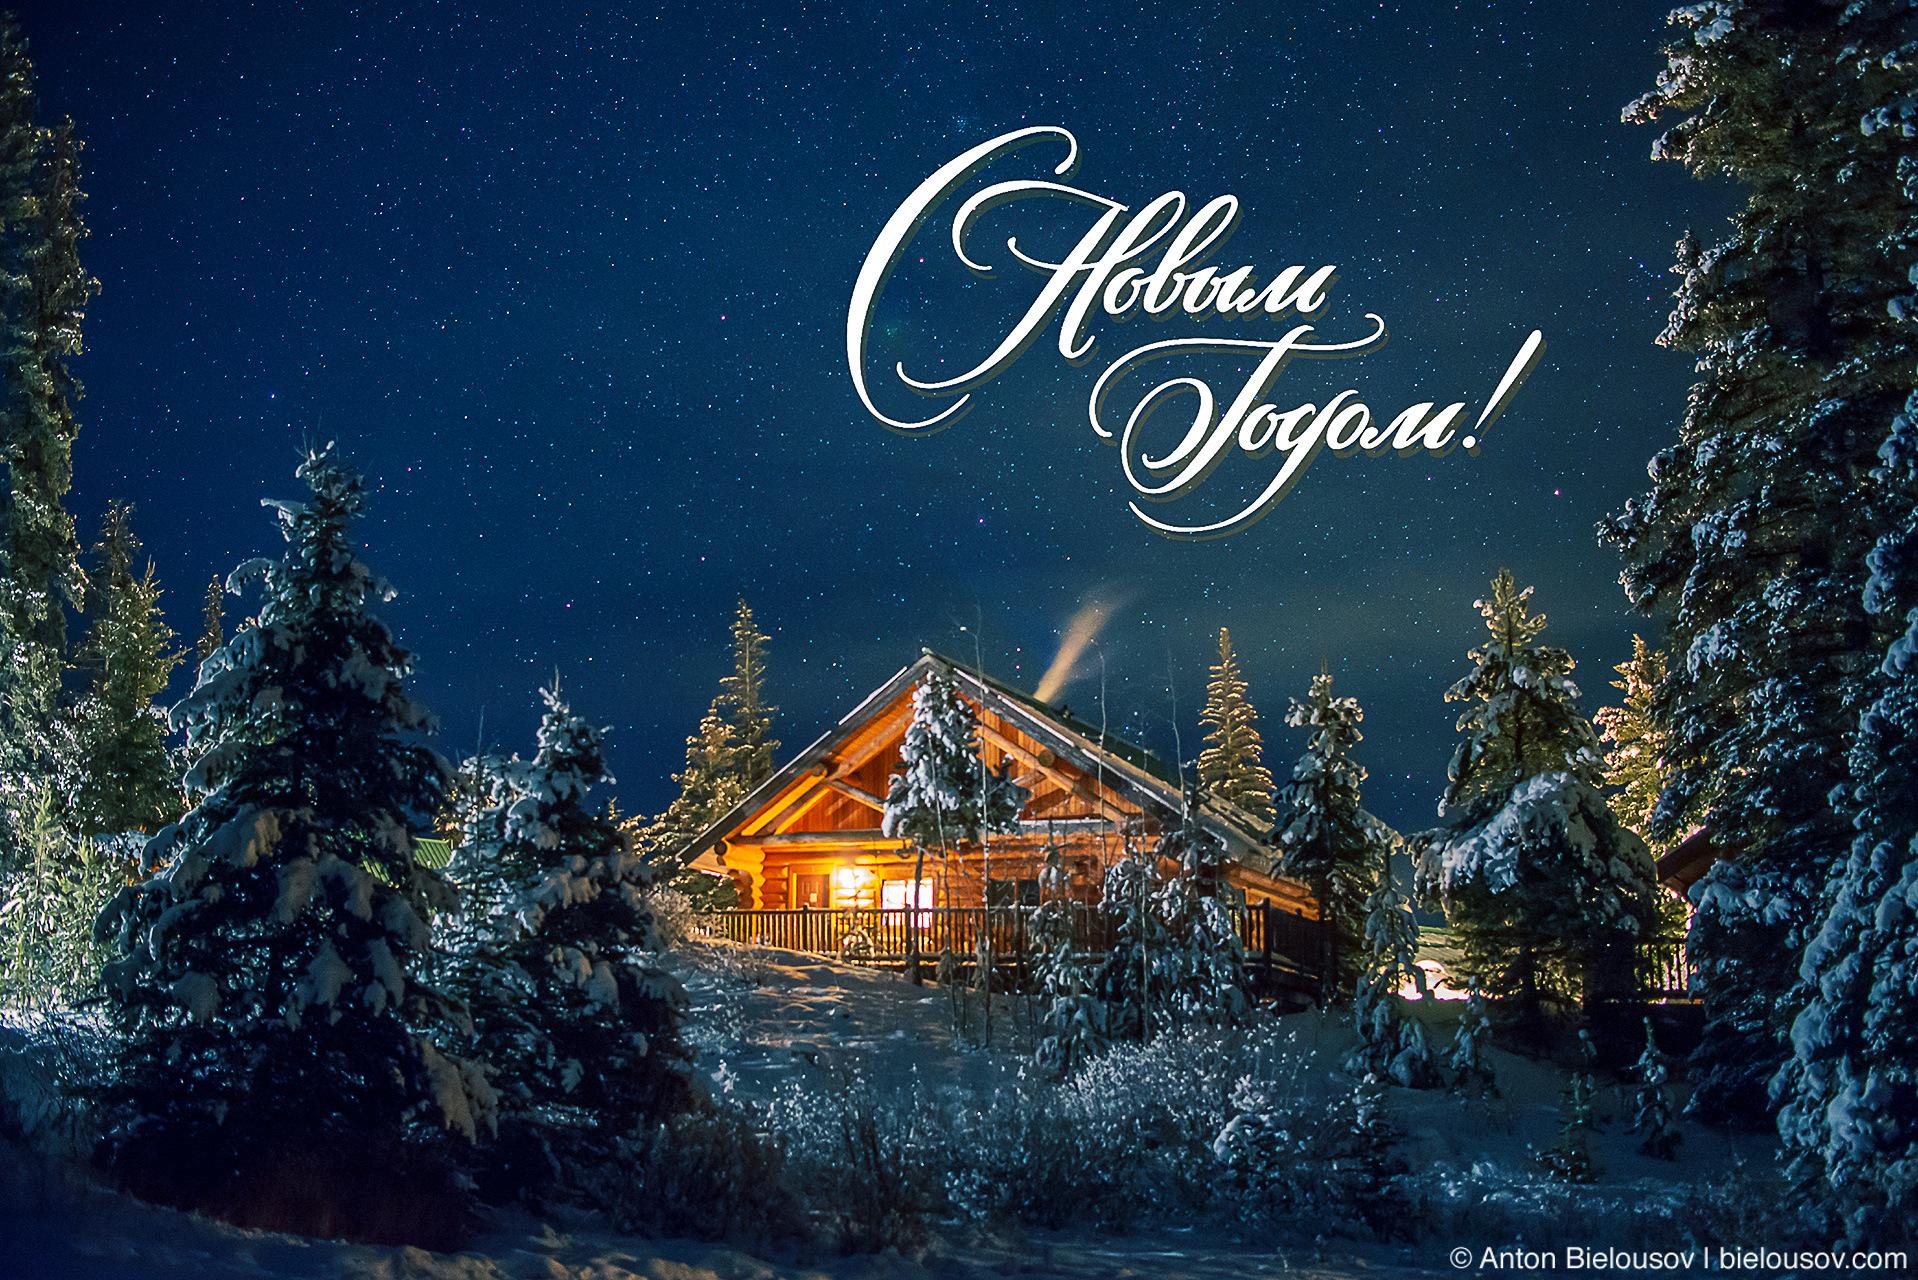 Новогодняя открытка: Lac le Jeune resort, BC, CANADA